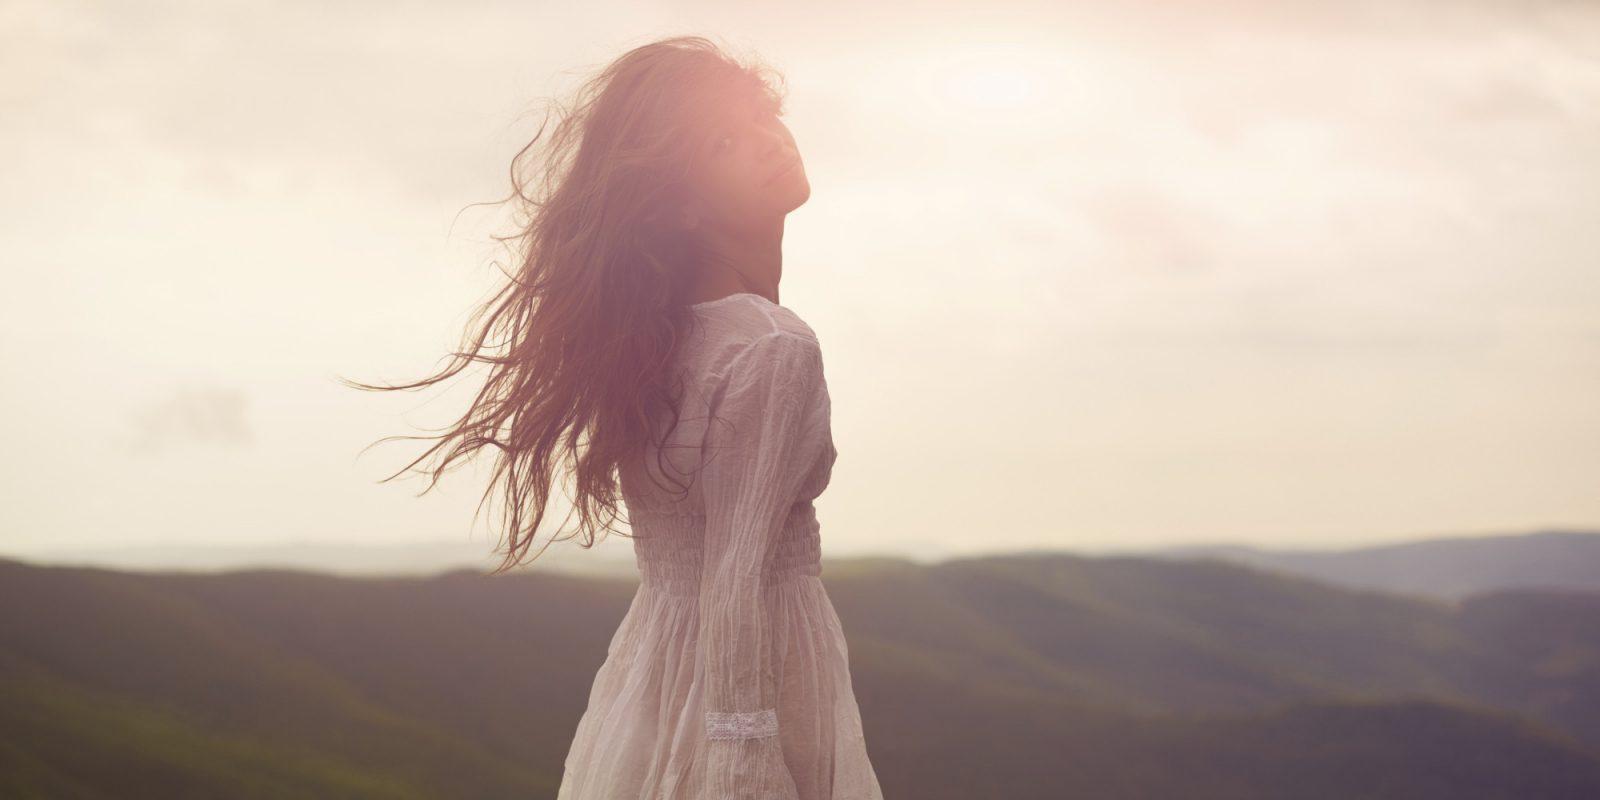 Умението да живееш не въпреки болката, а заедно с нея